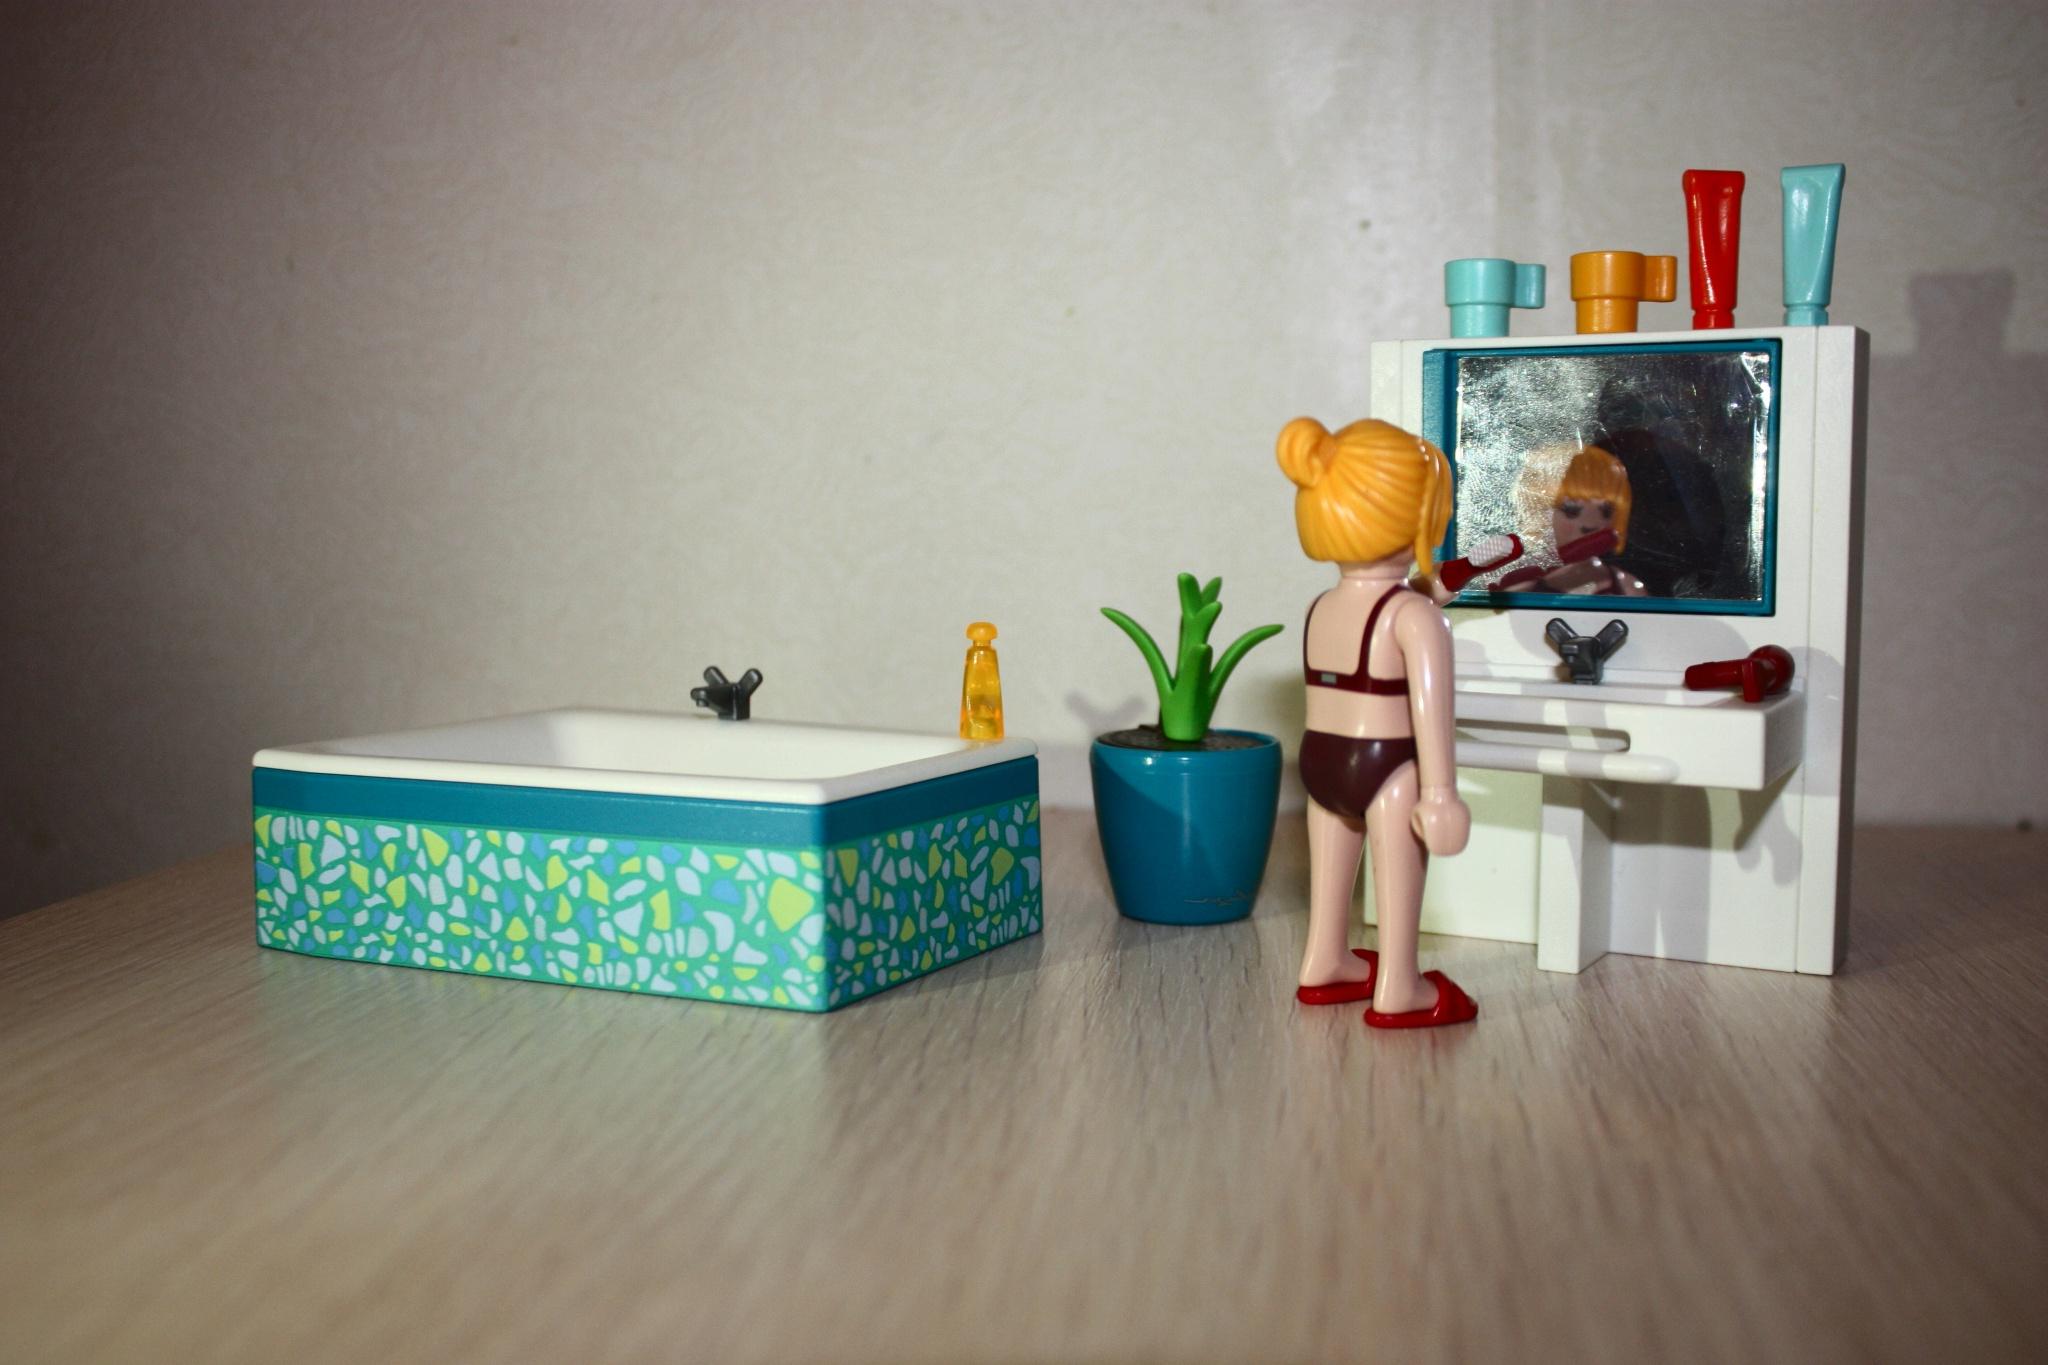 Vous pouvez faire un maquillage parfait dans cette salle de bain excellente